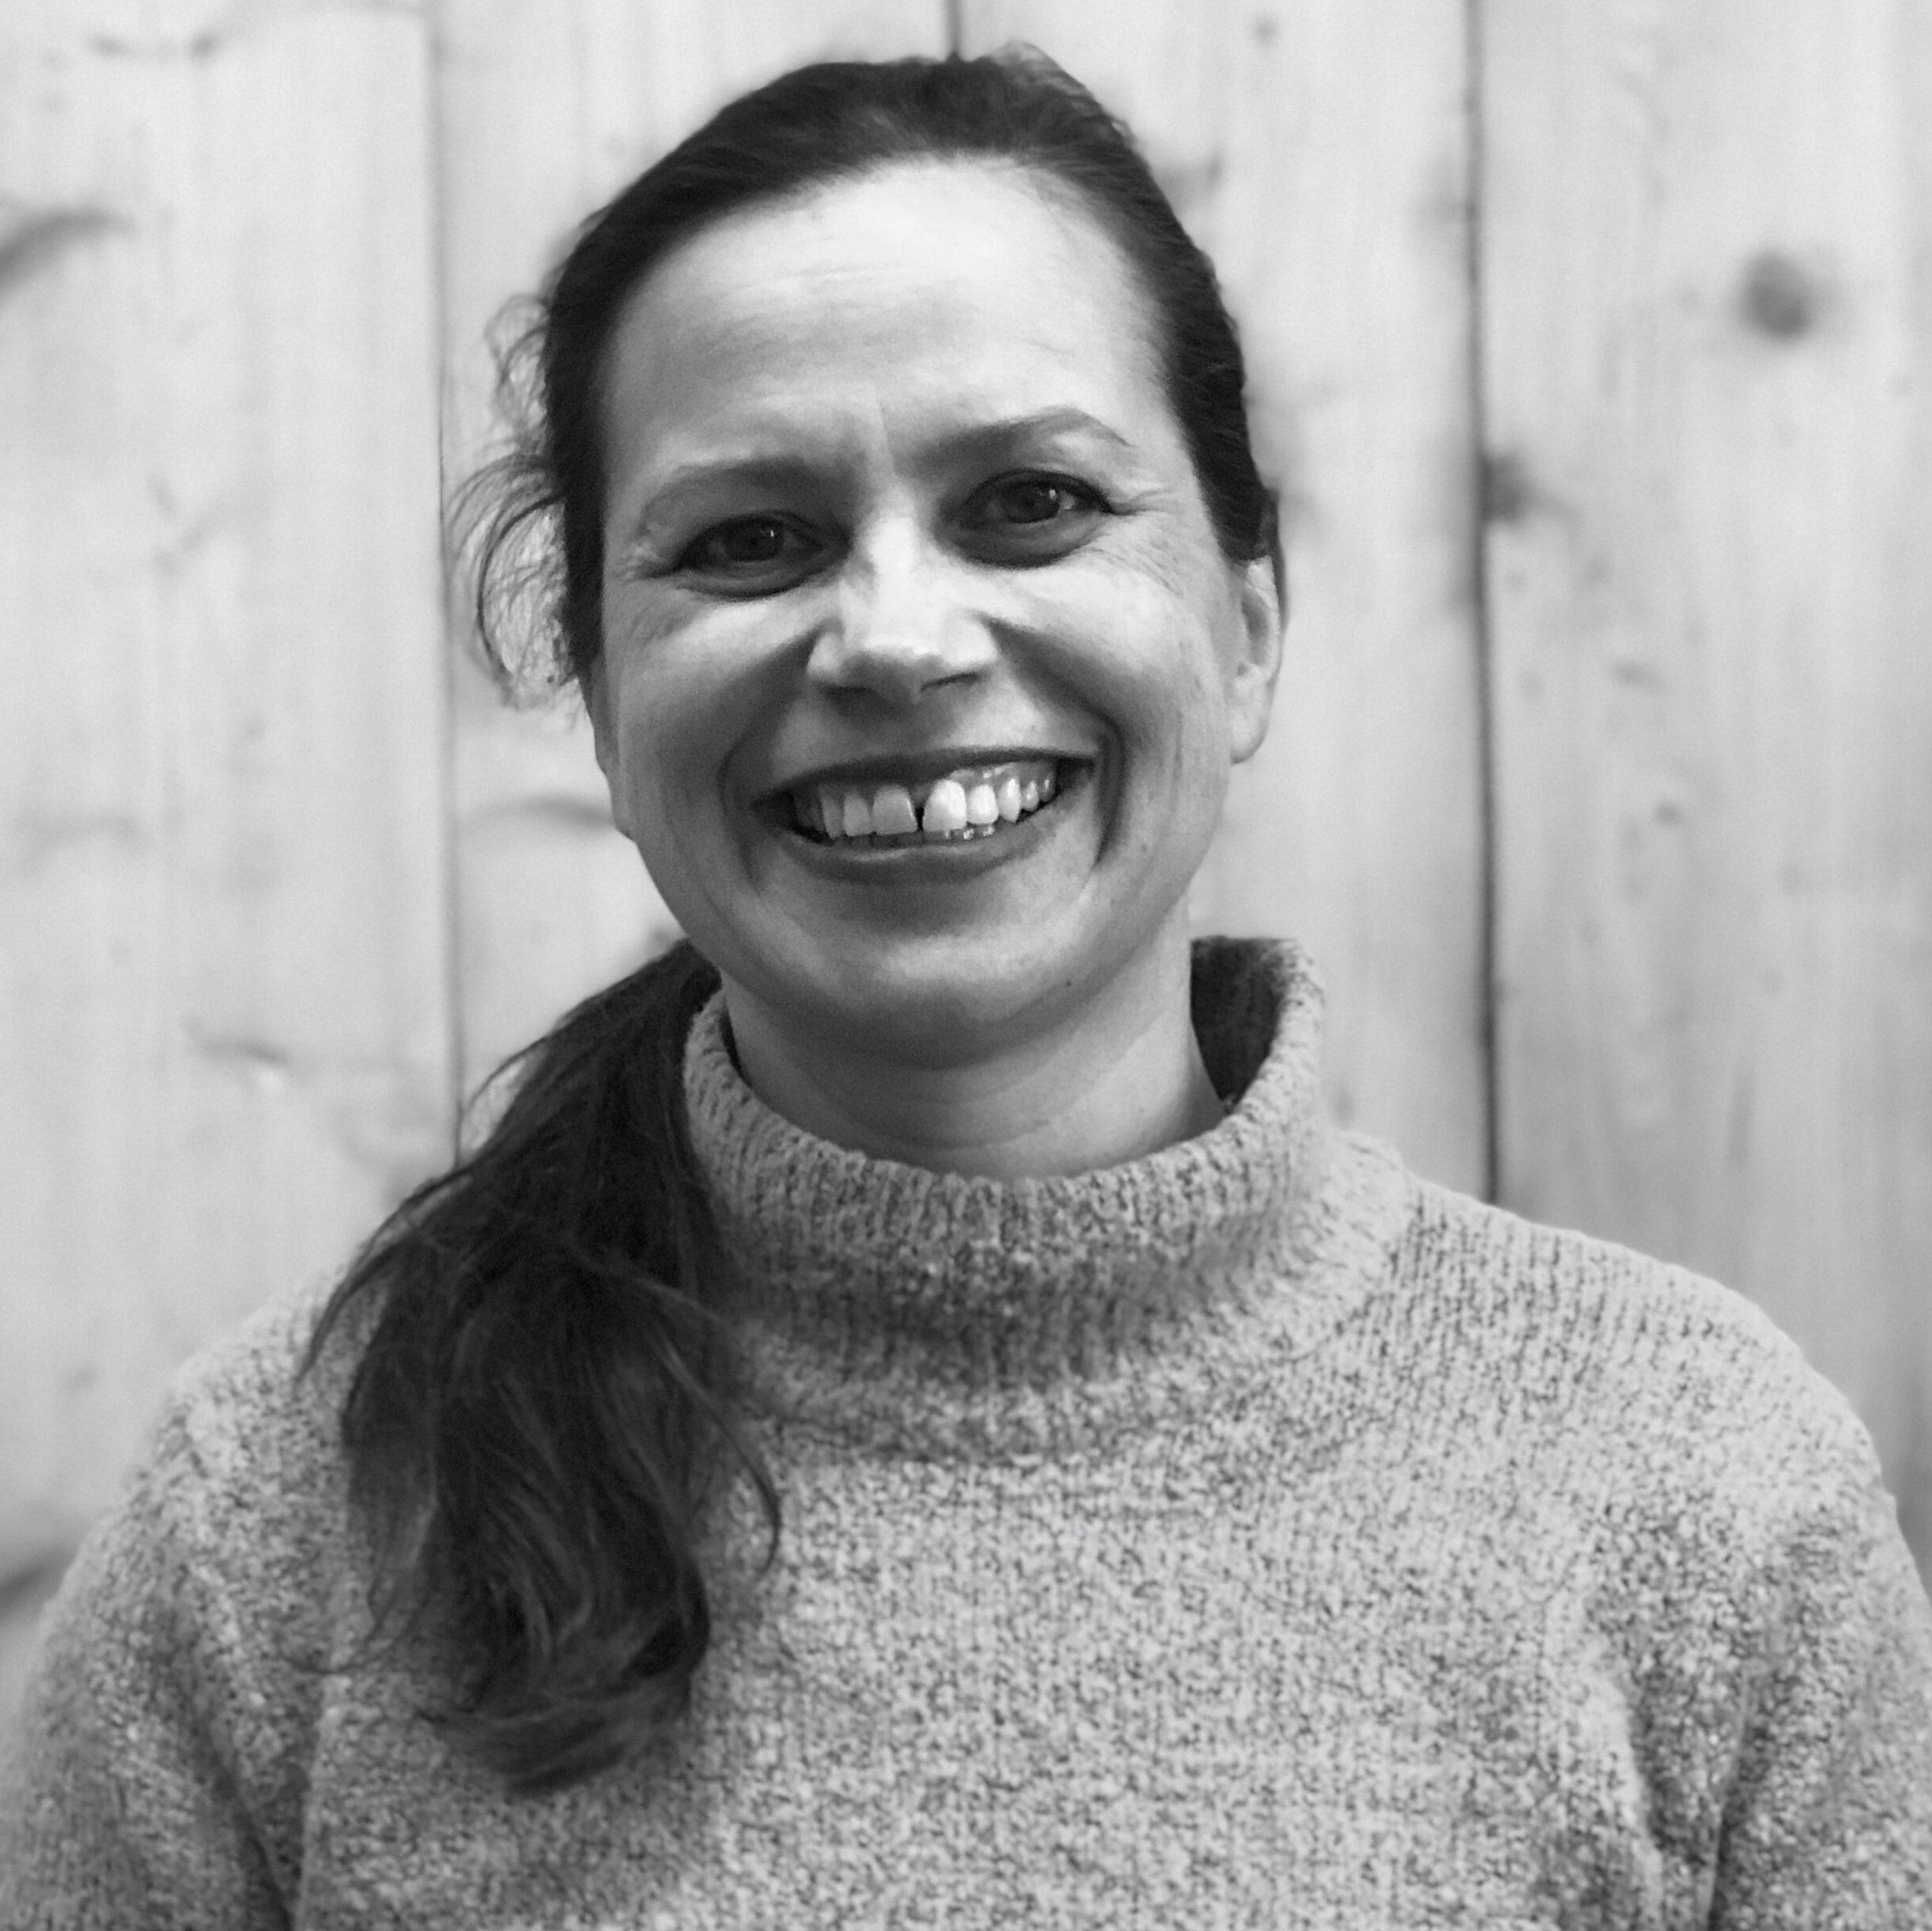 Maria Edvardsen